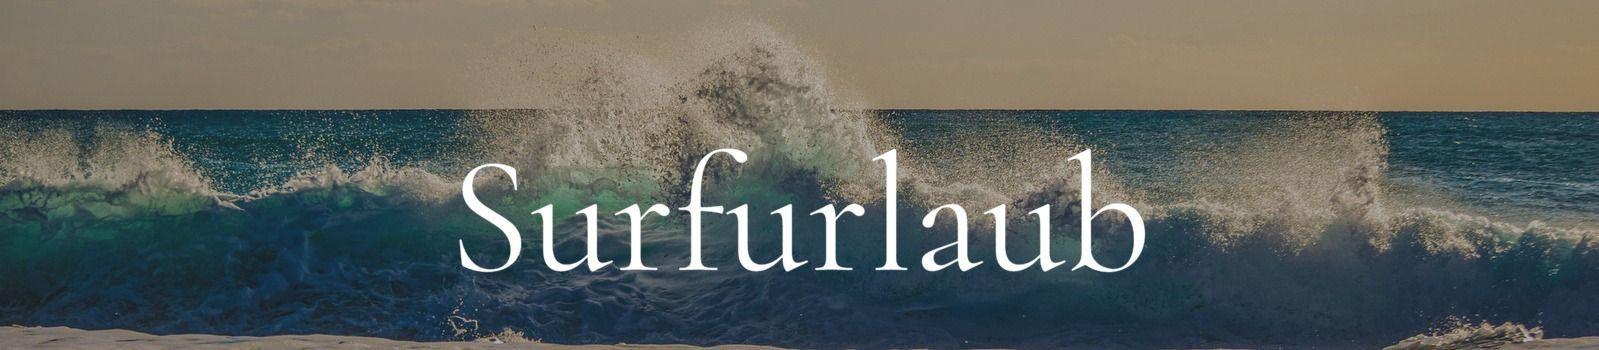 Surfurlaub Banner